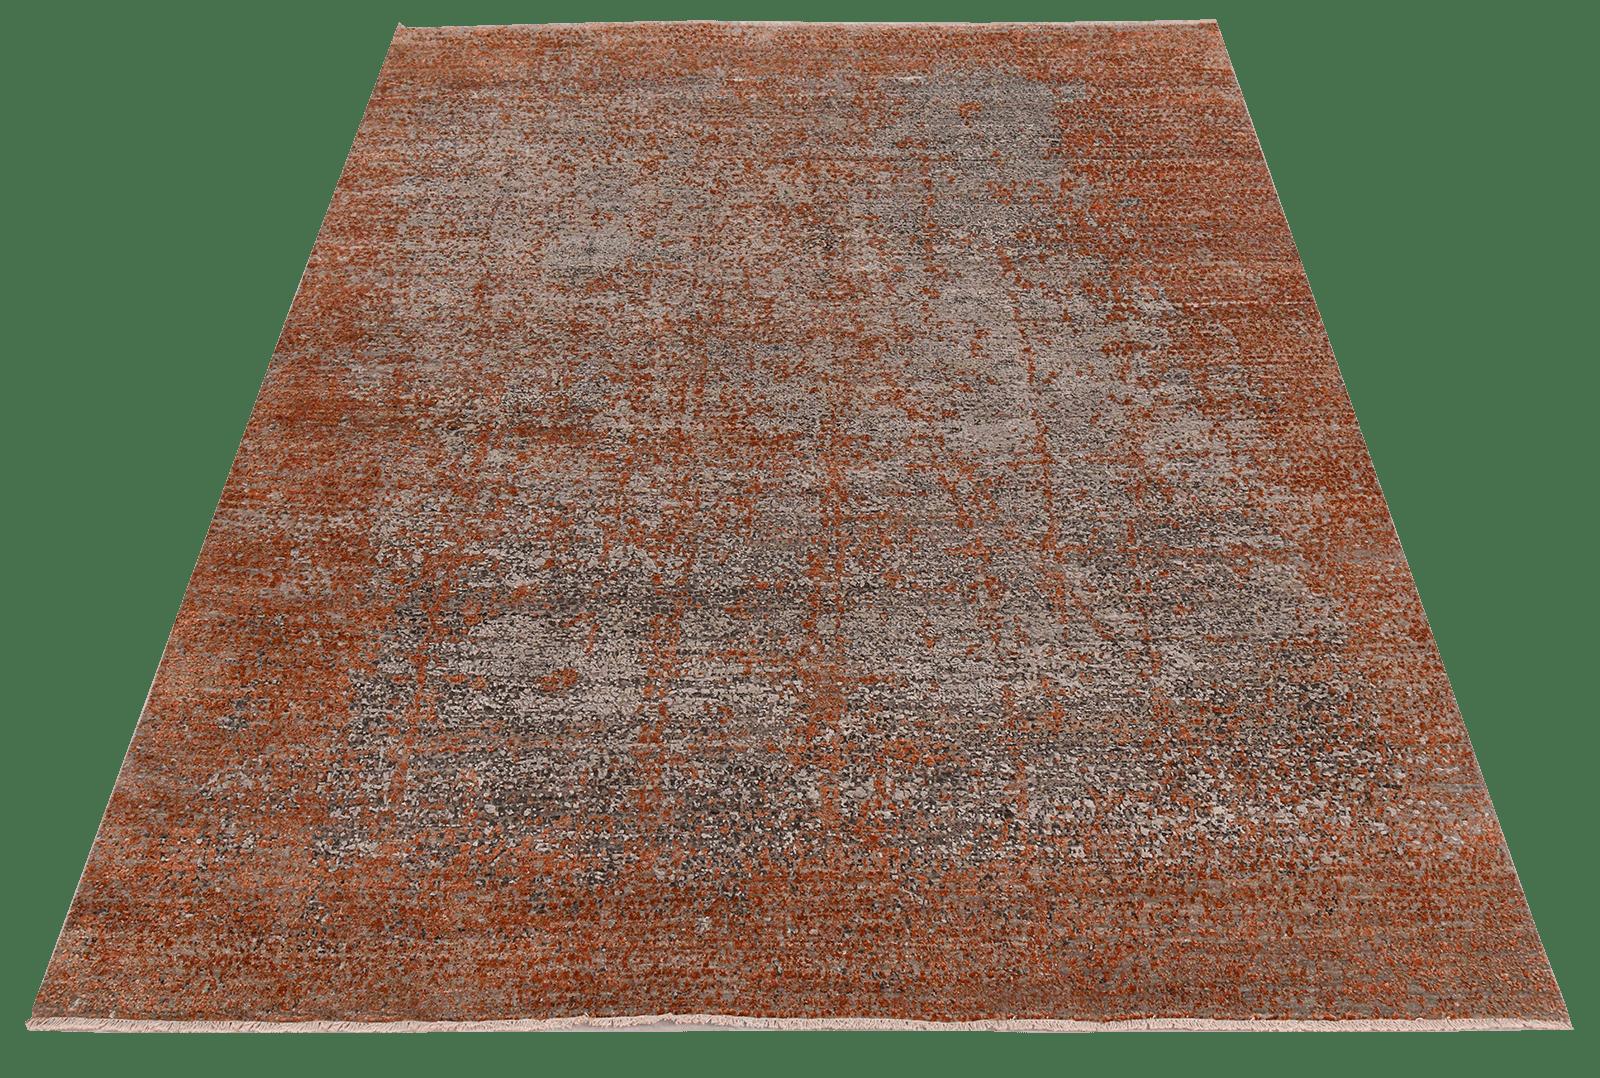 bentayga-design-tapijt-luxe-moderne-exclusieve-design-tapijten-luxe-vloerkleden-zijde-roest-goud-oranje-creme-300x241-koreman-maastricht-4253-persp